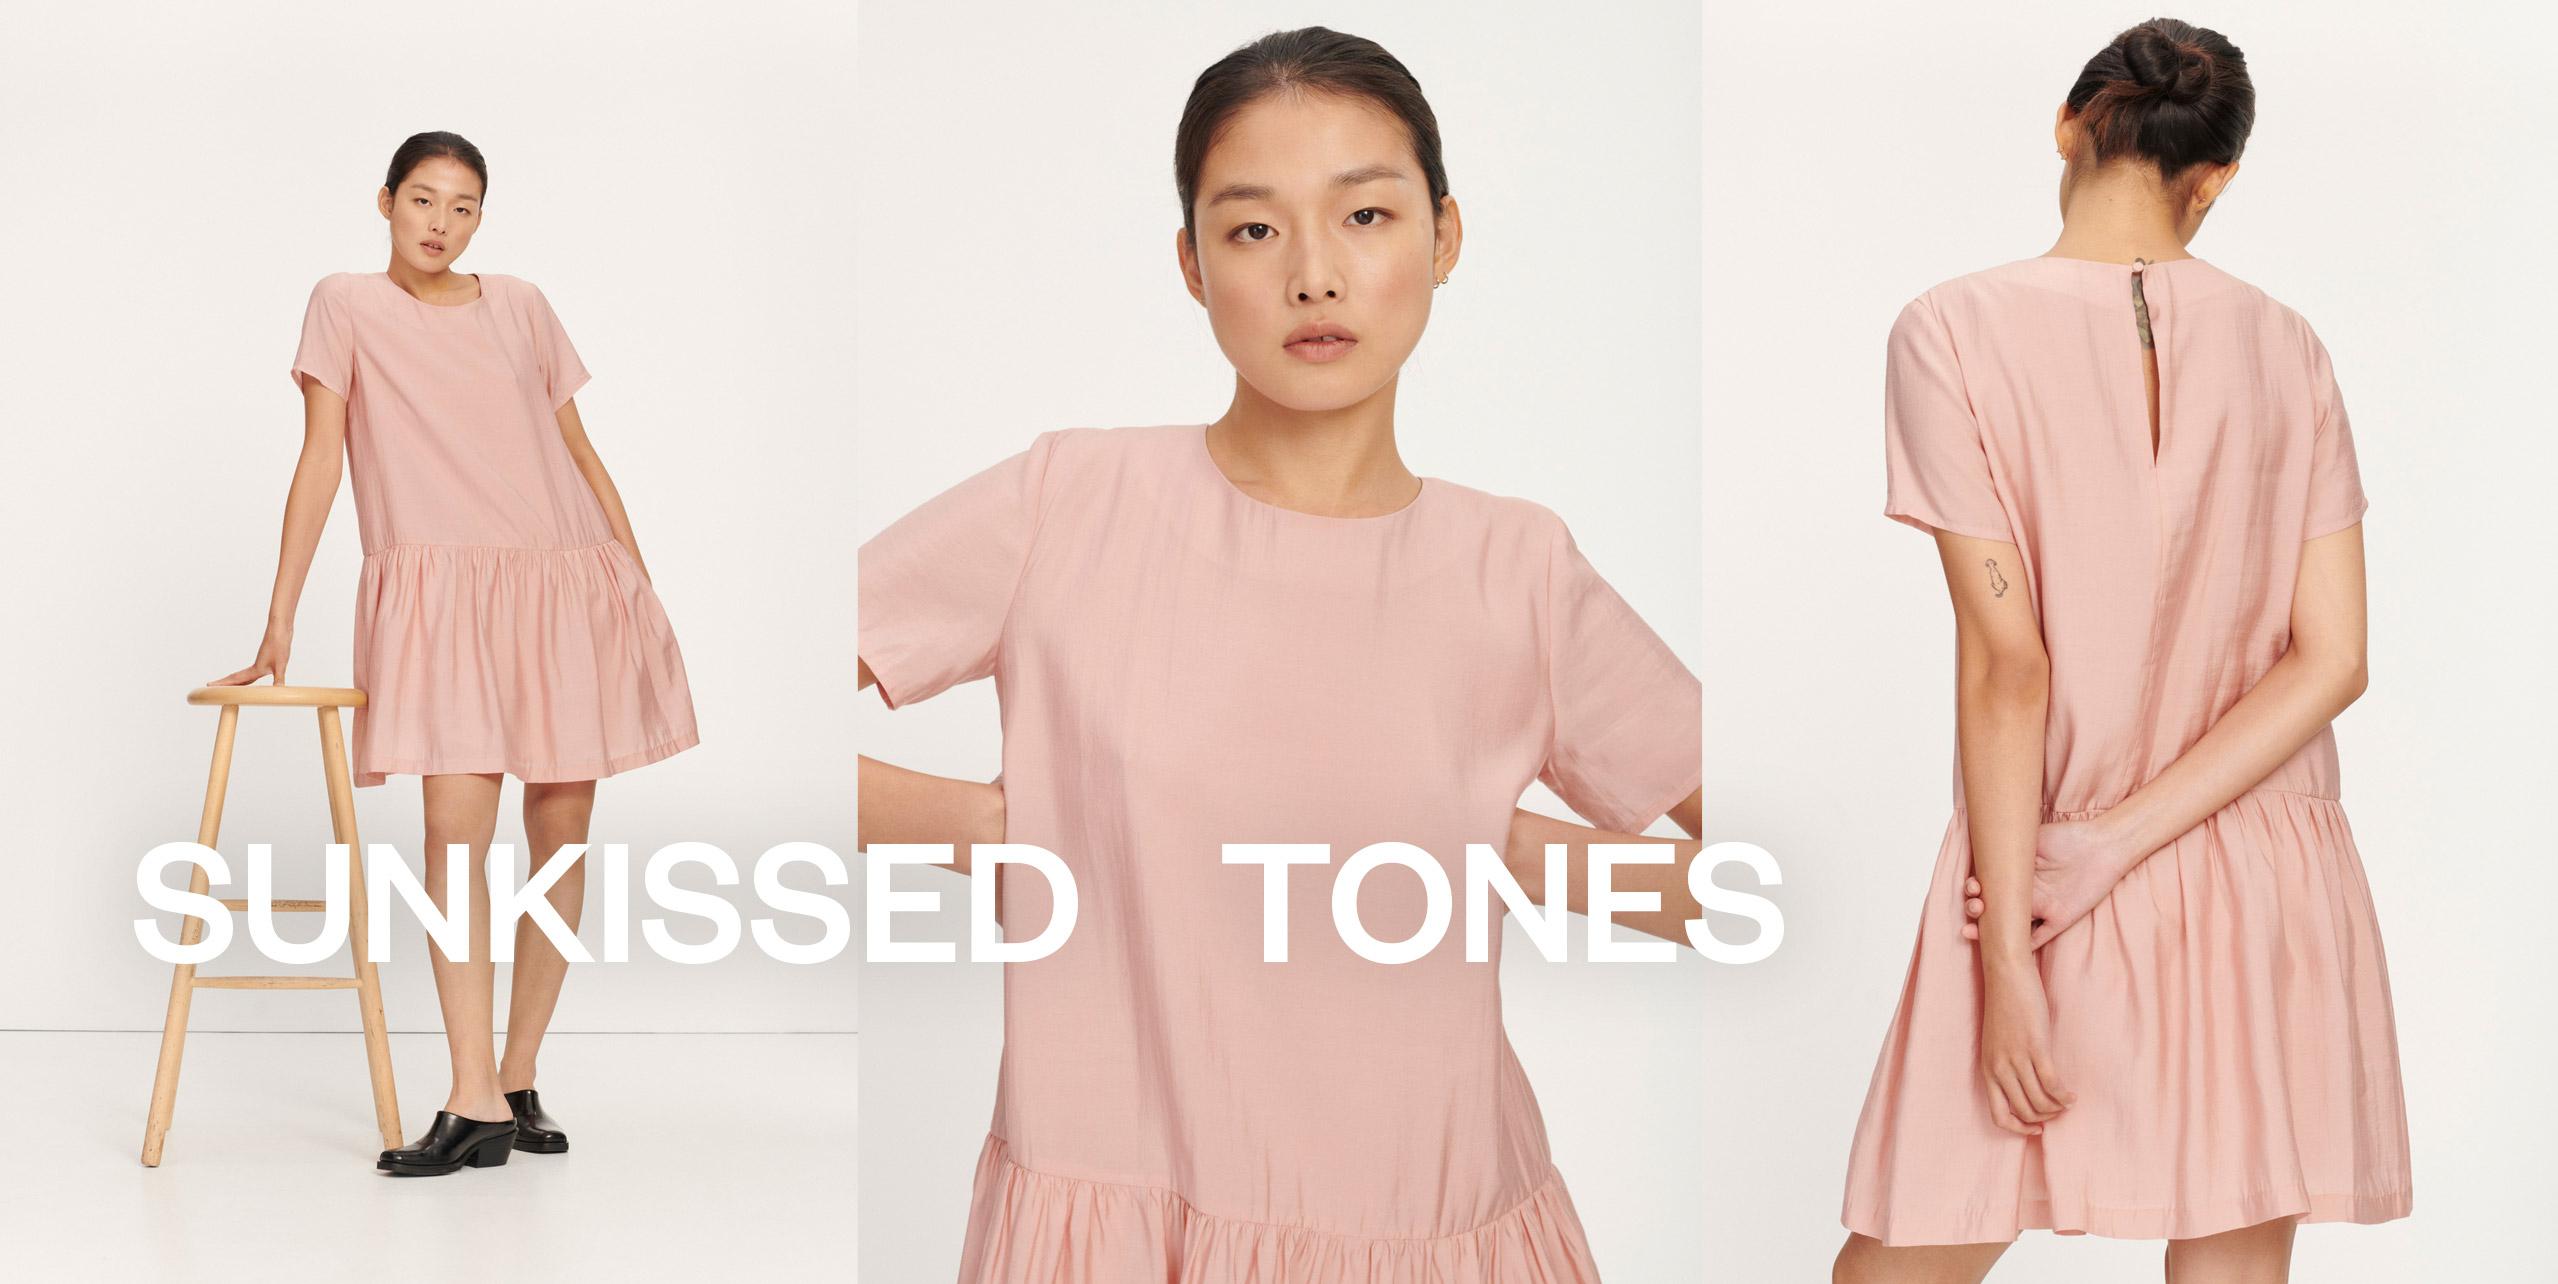 Mille ss dress 11465 Women's fashion